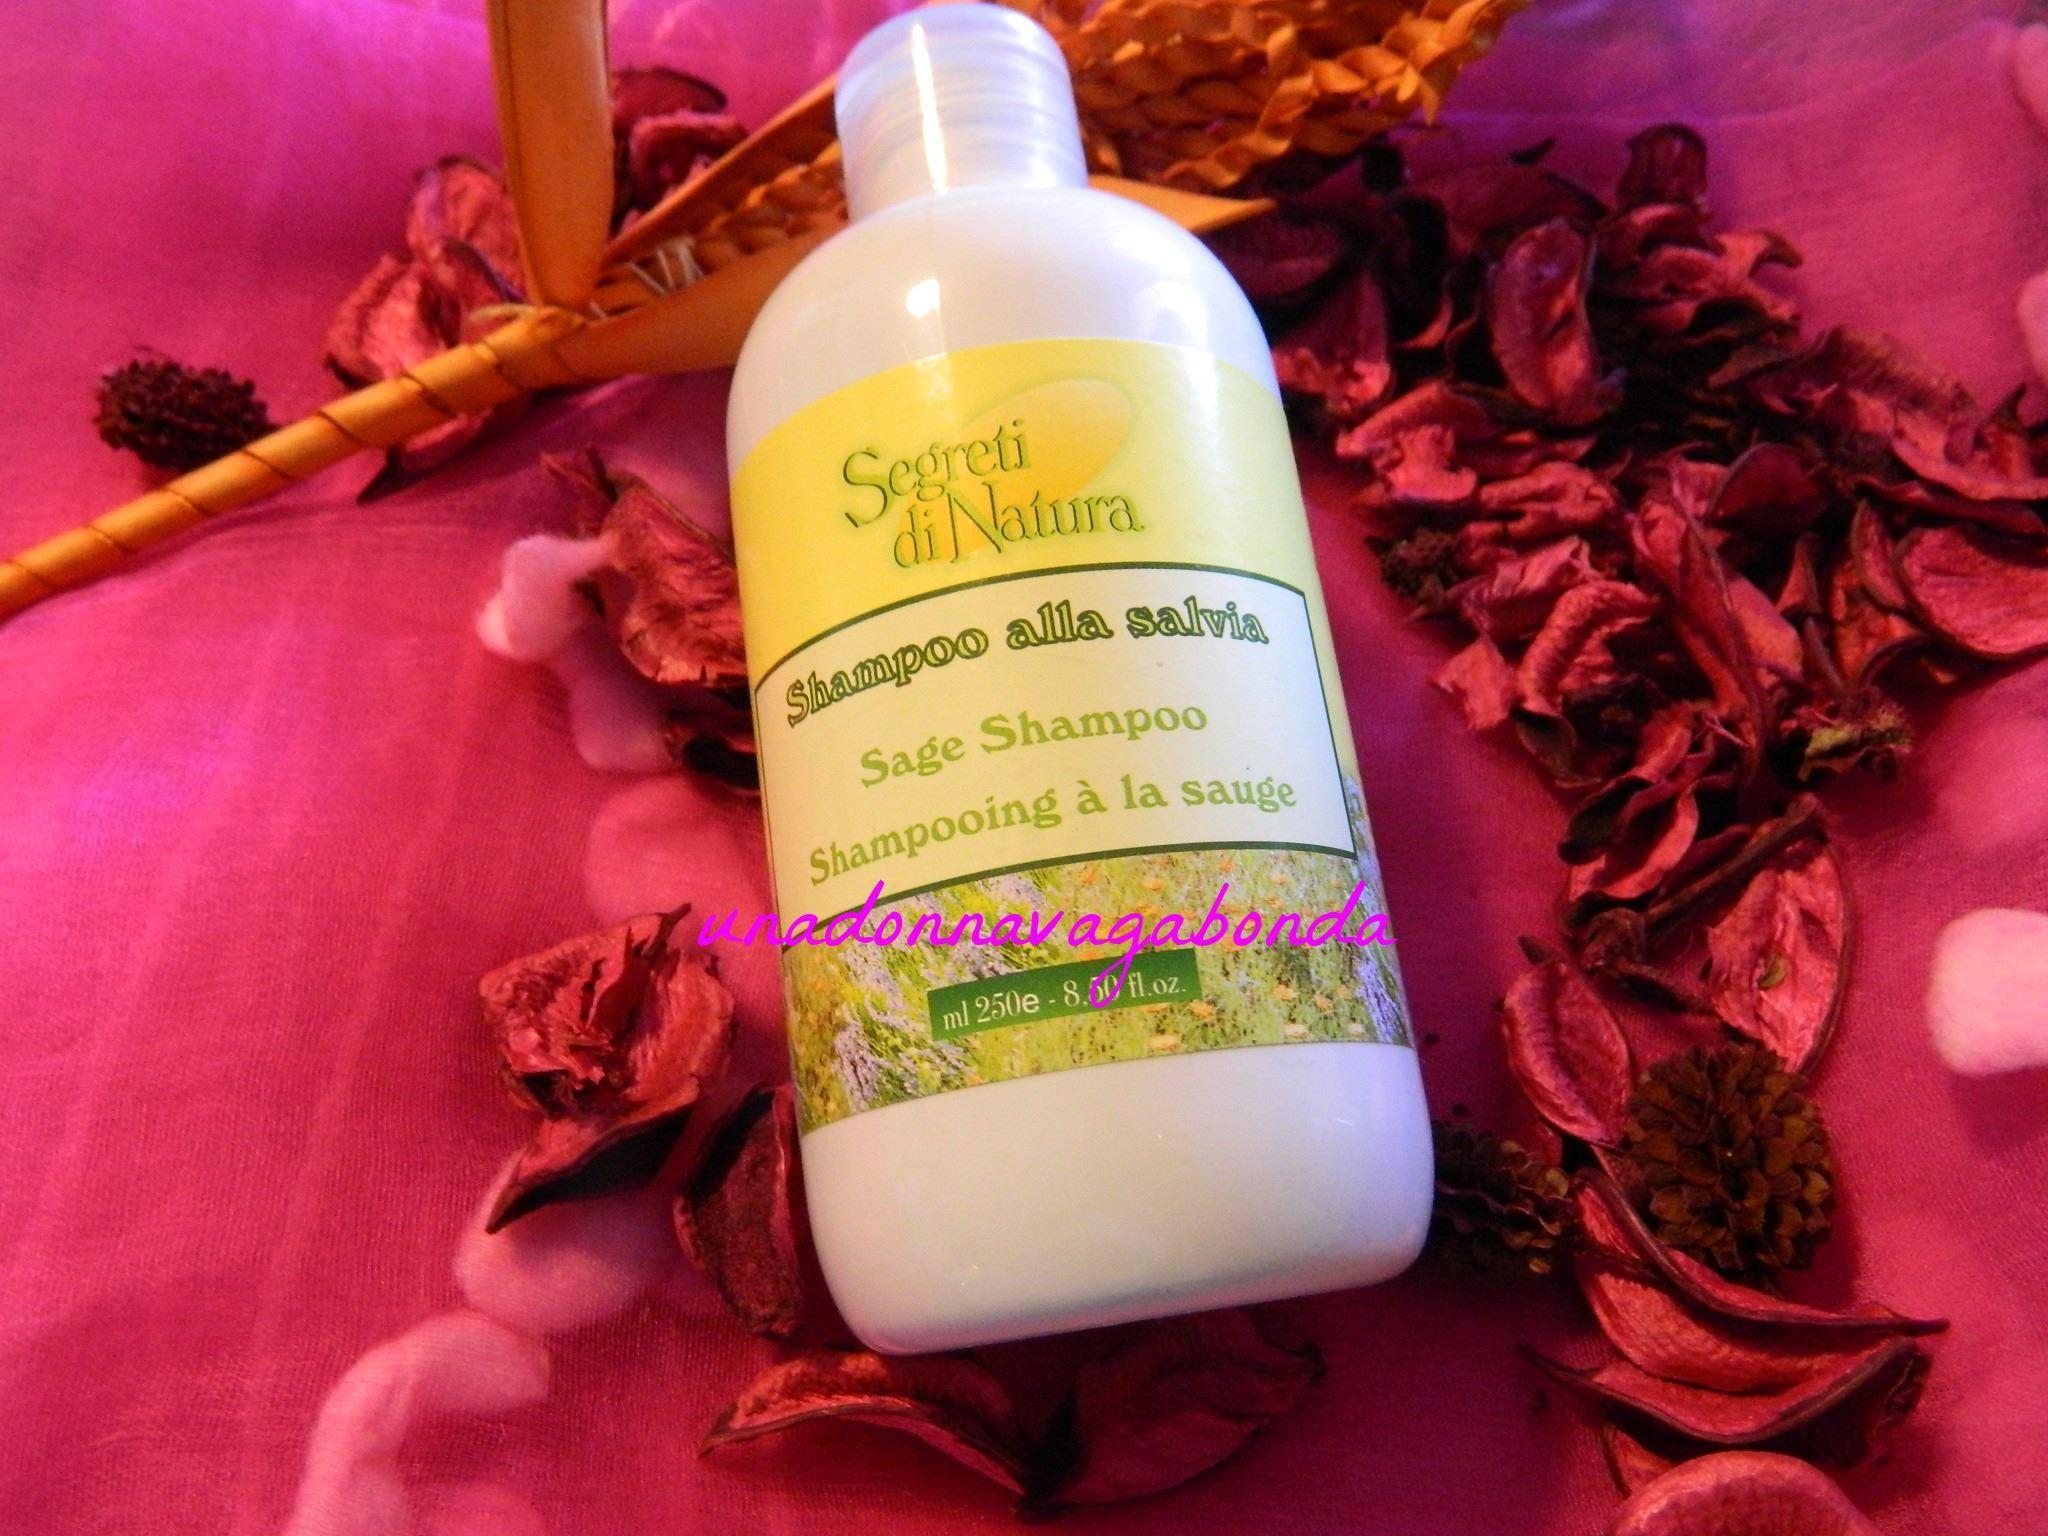 Segreti di natura shampoo alla salvia 250ml